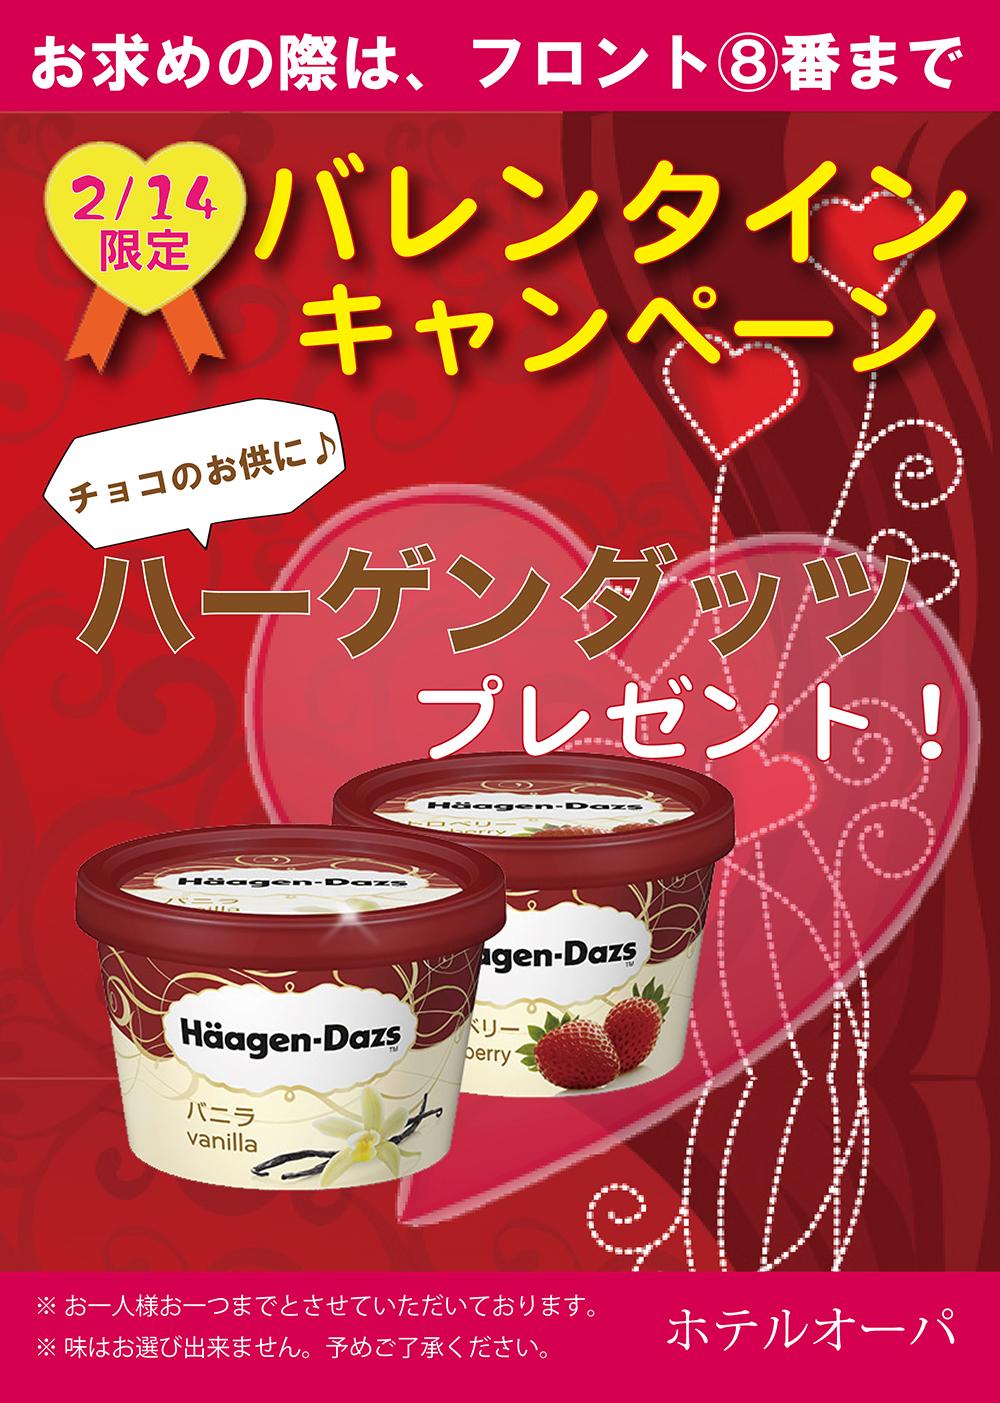 【2/14限定】バレンタインキャンペーン♡